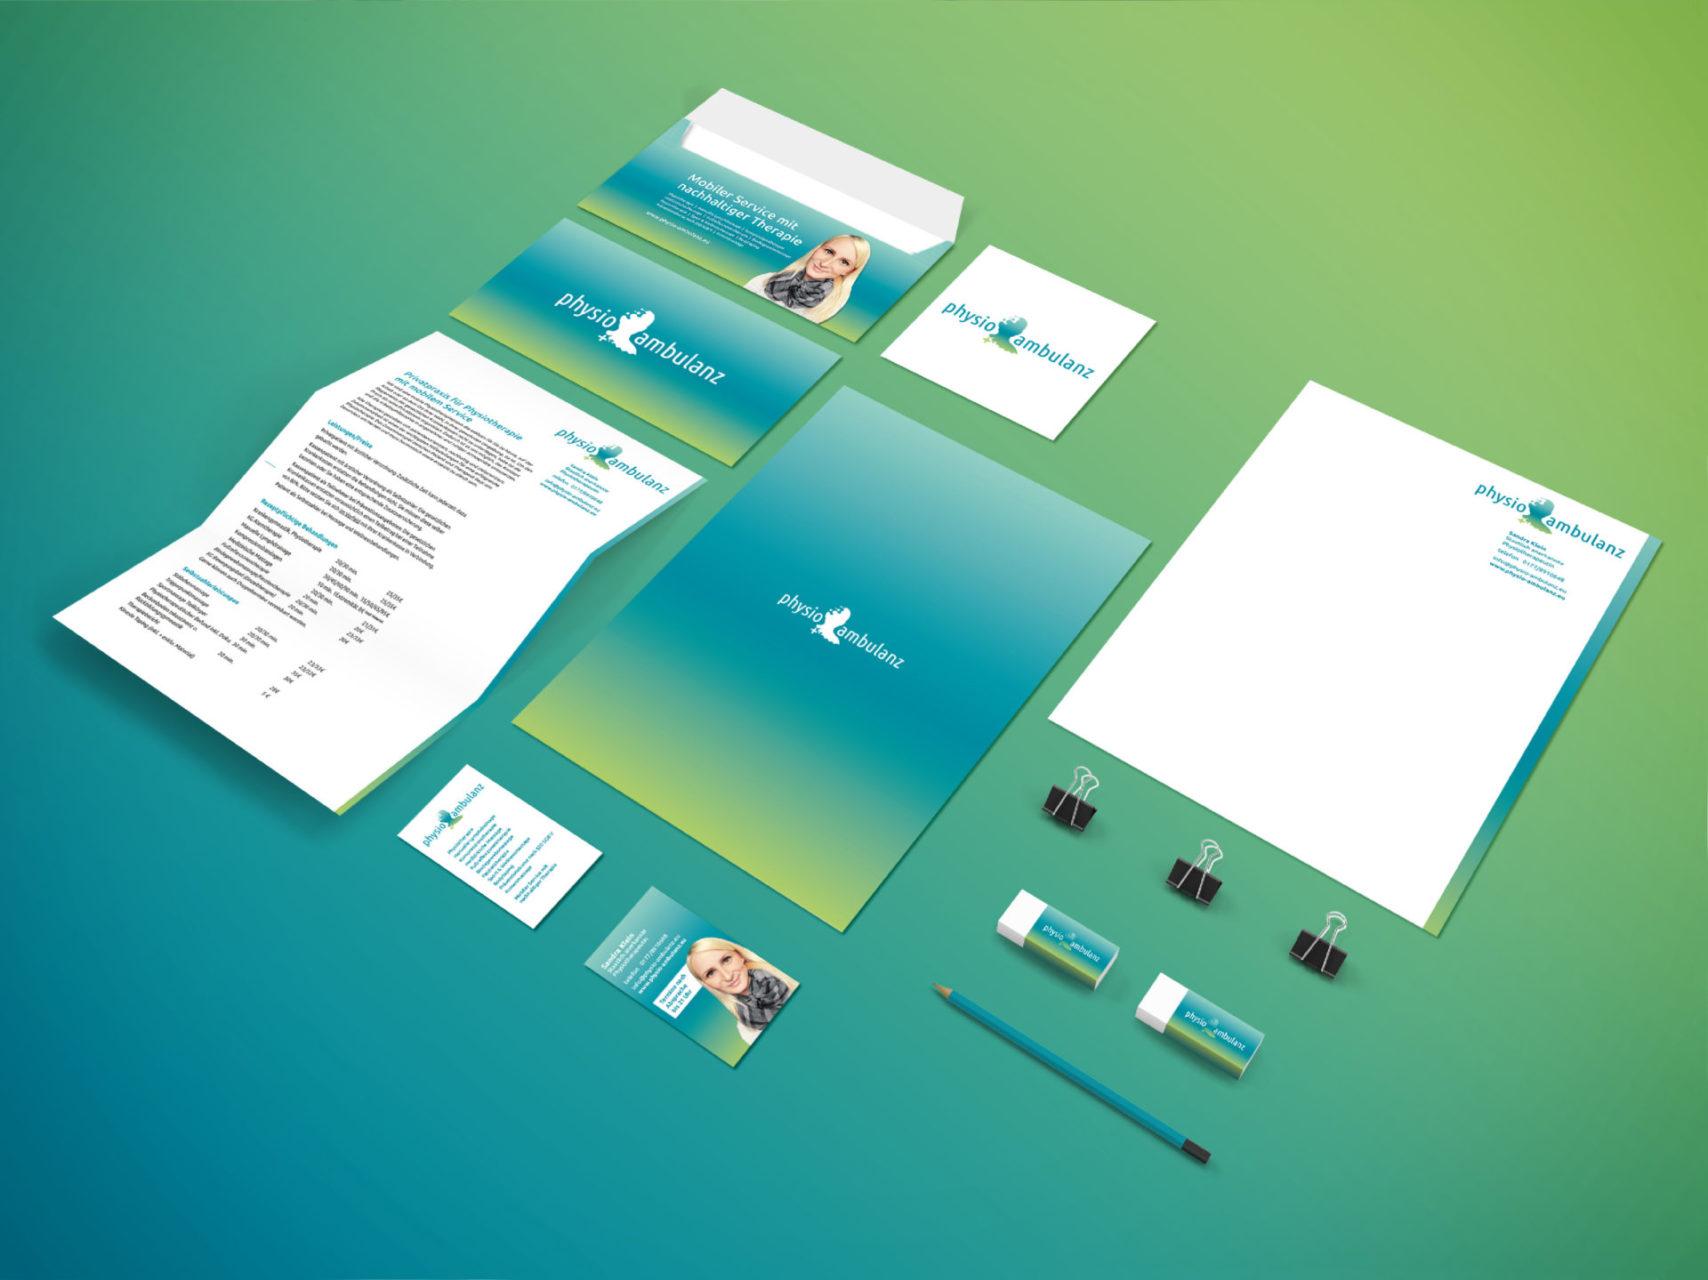 Physio Ambulanz Referenz 3 Print Druck Visitenkarte Cd Umschlag Briefpapier Birefumschlag Werbeartikel